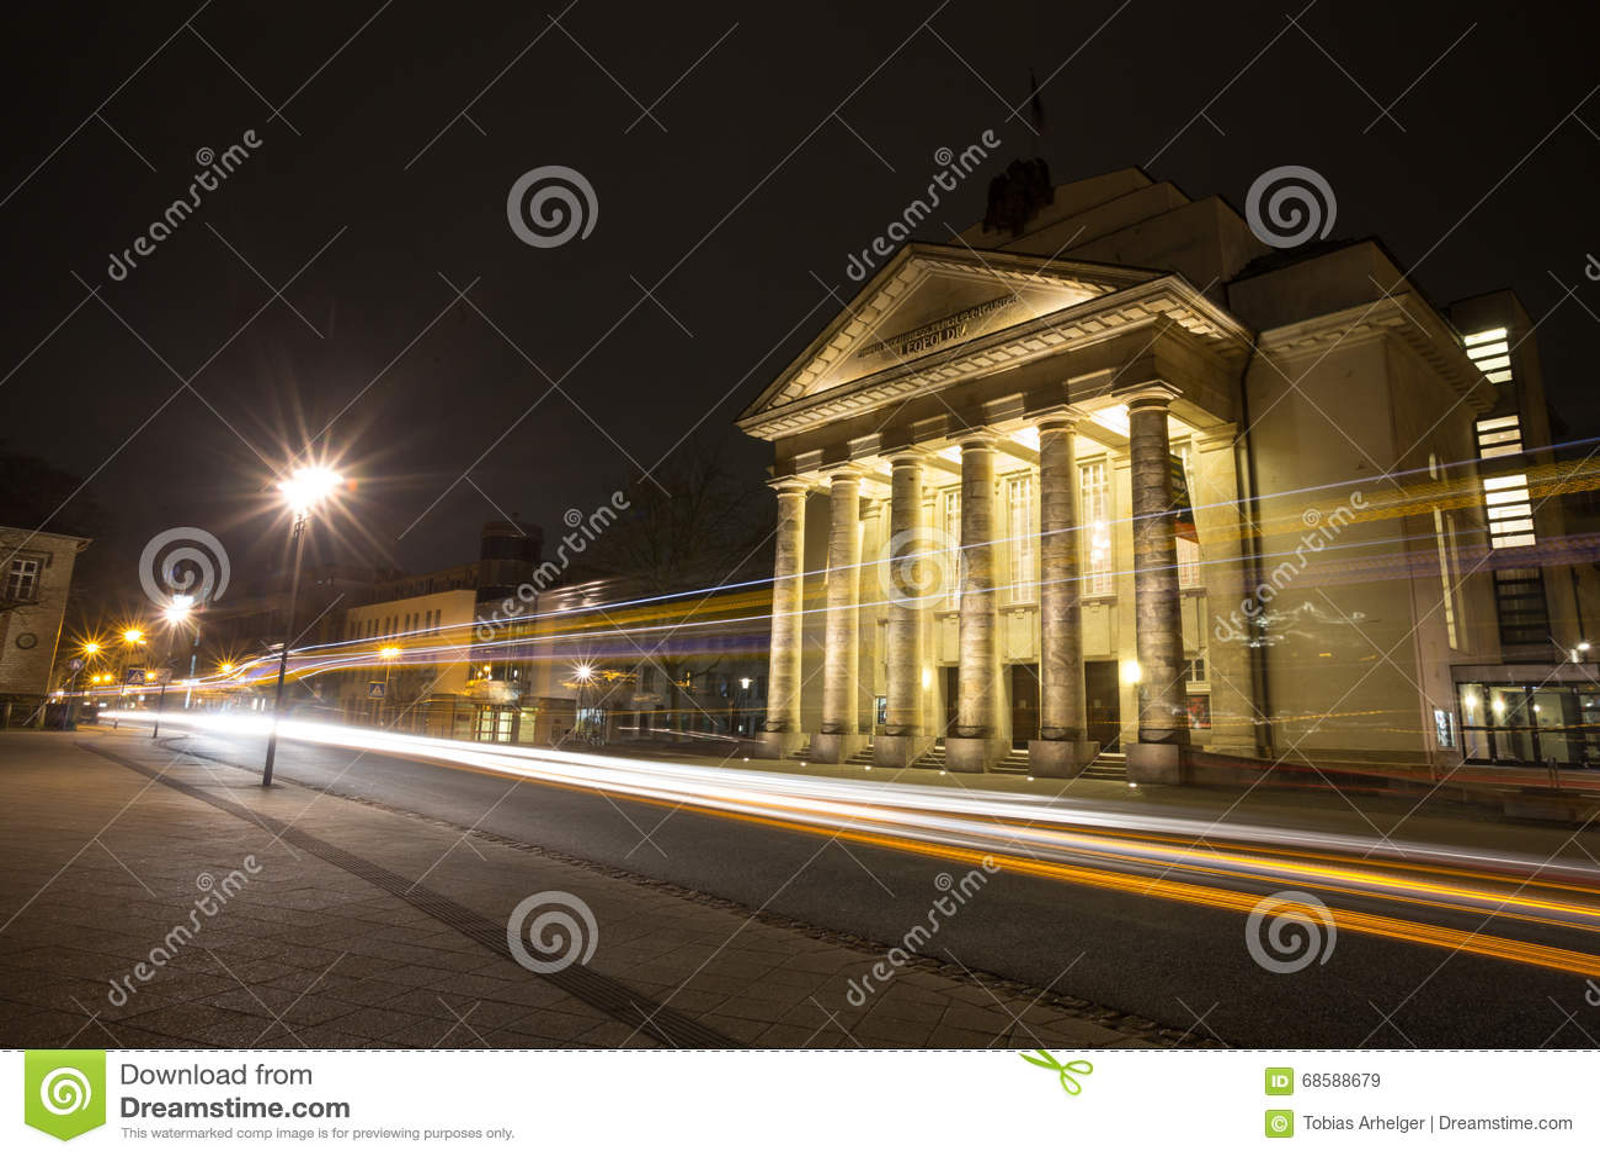 Detmold Alemanha do teatro na noite com sinais